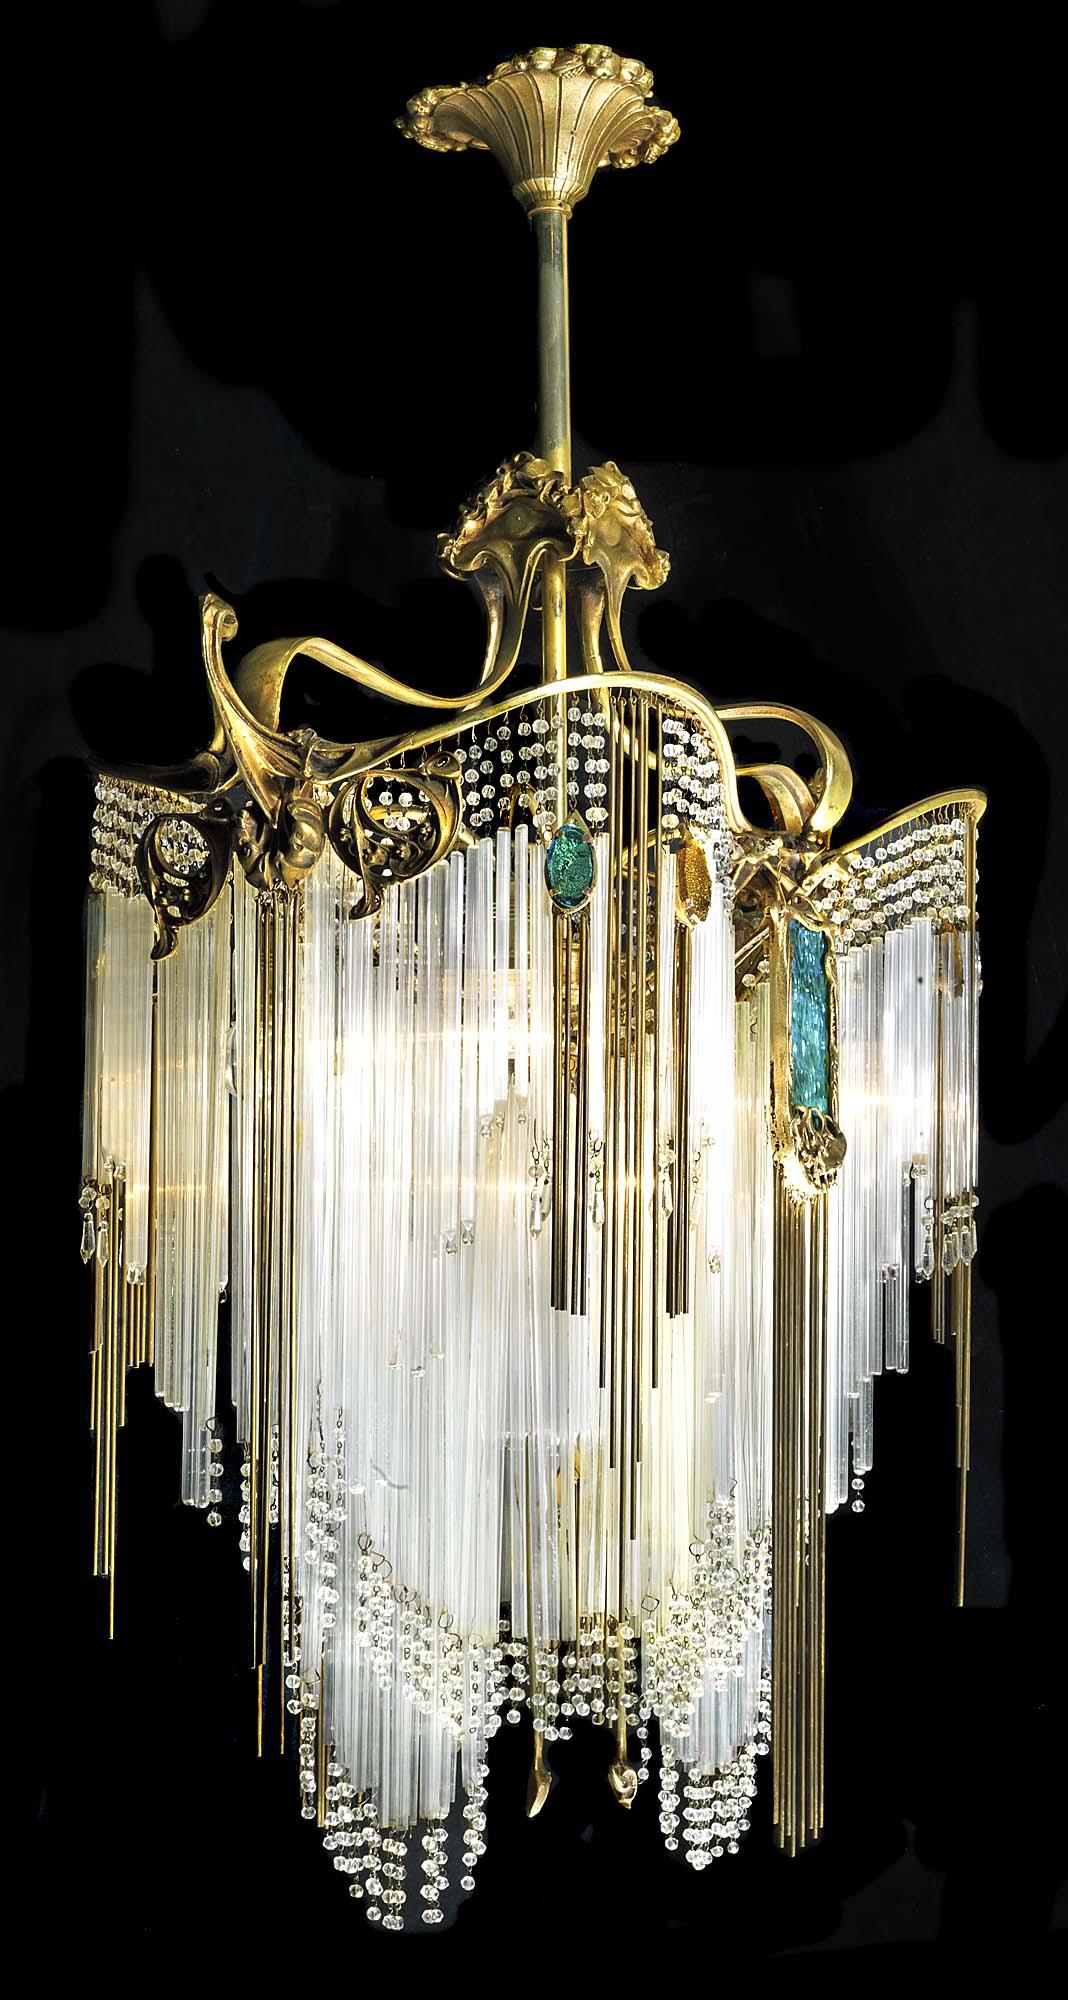 Art nouveau chandelier hector guimard antique art nouveau chandelier in the manner of hector guimard mozeypictures Images